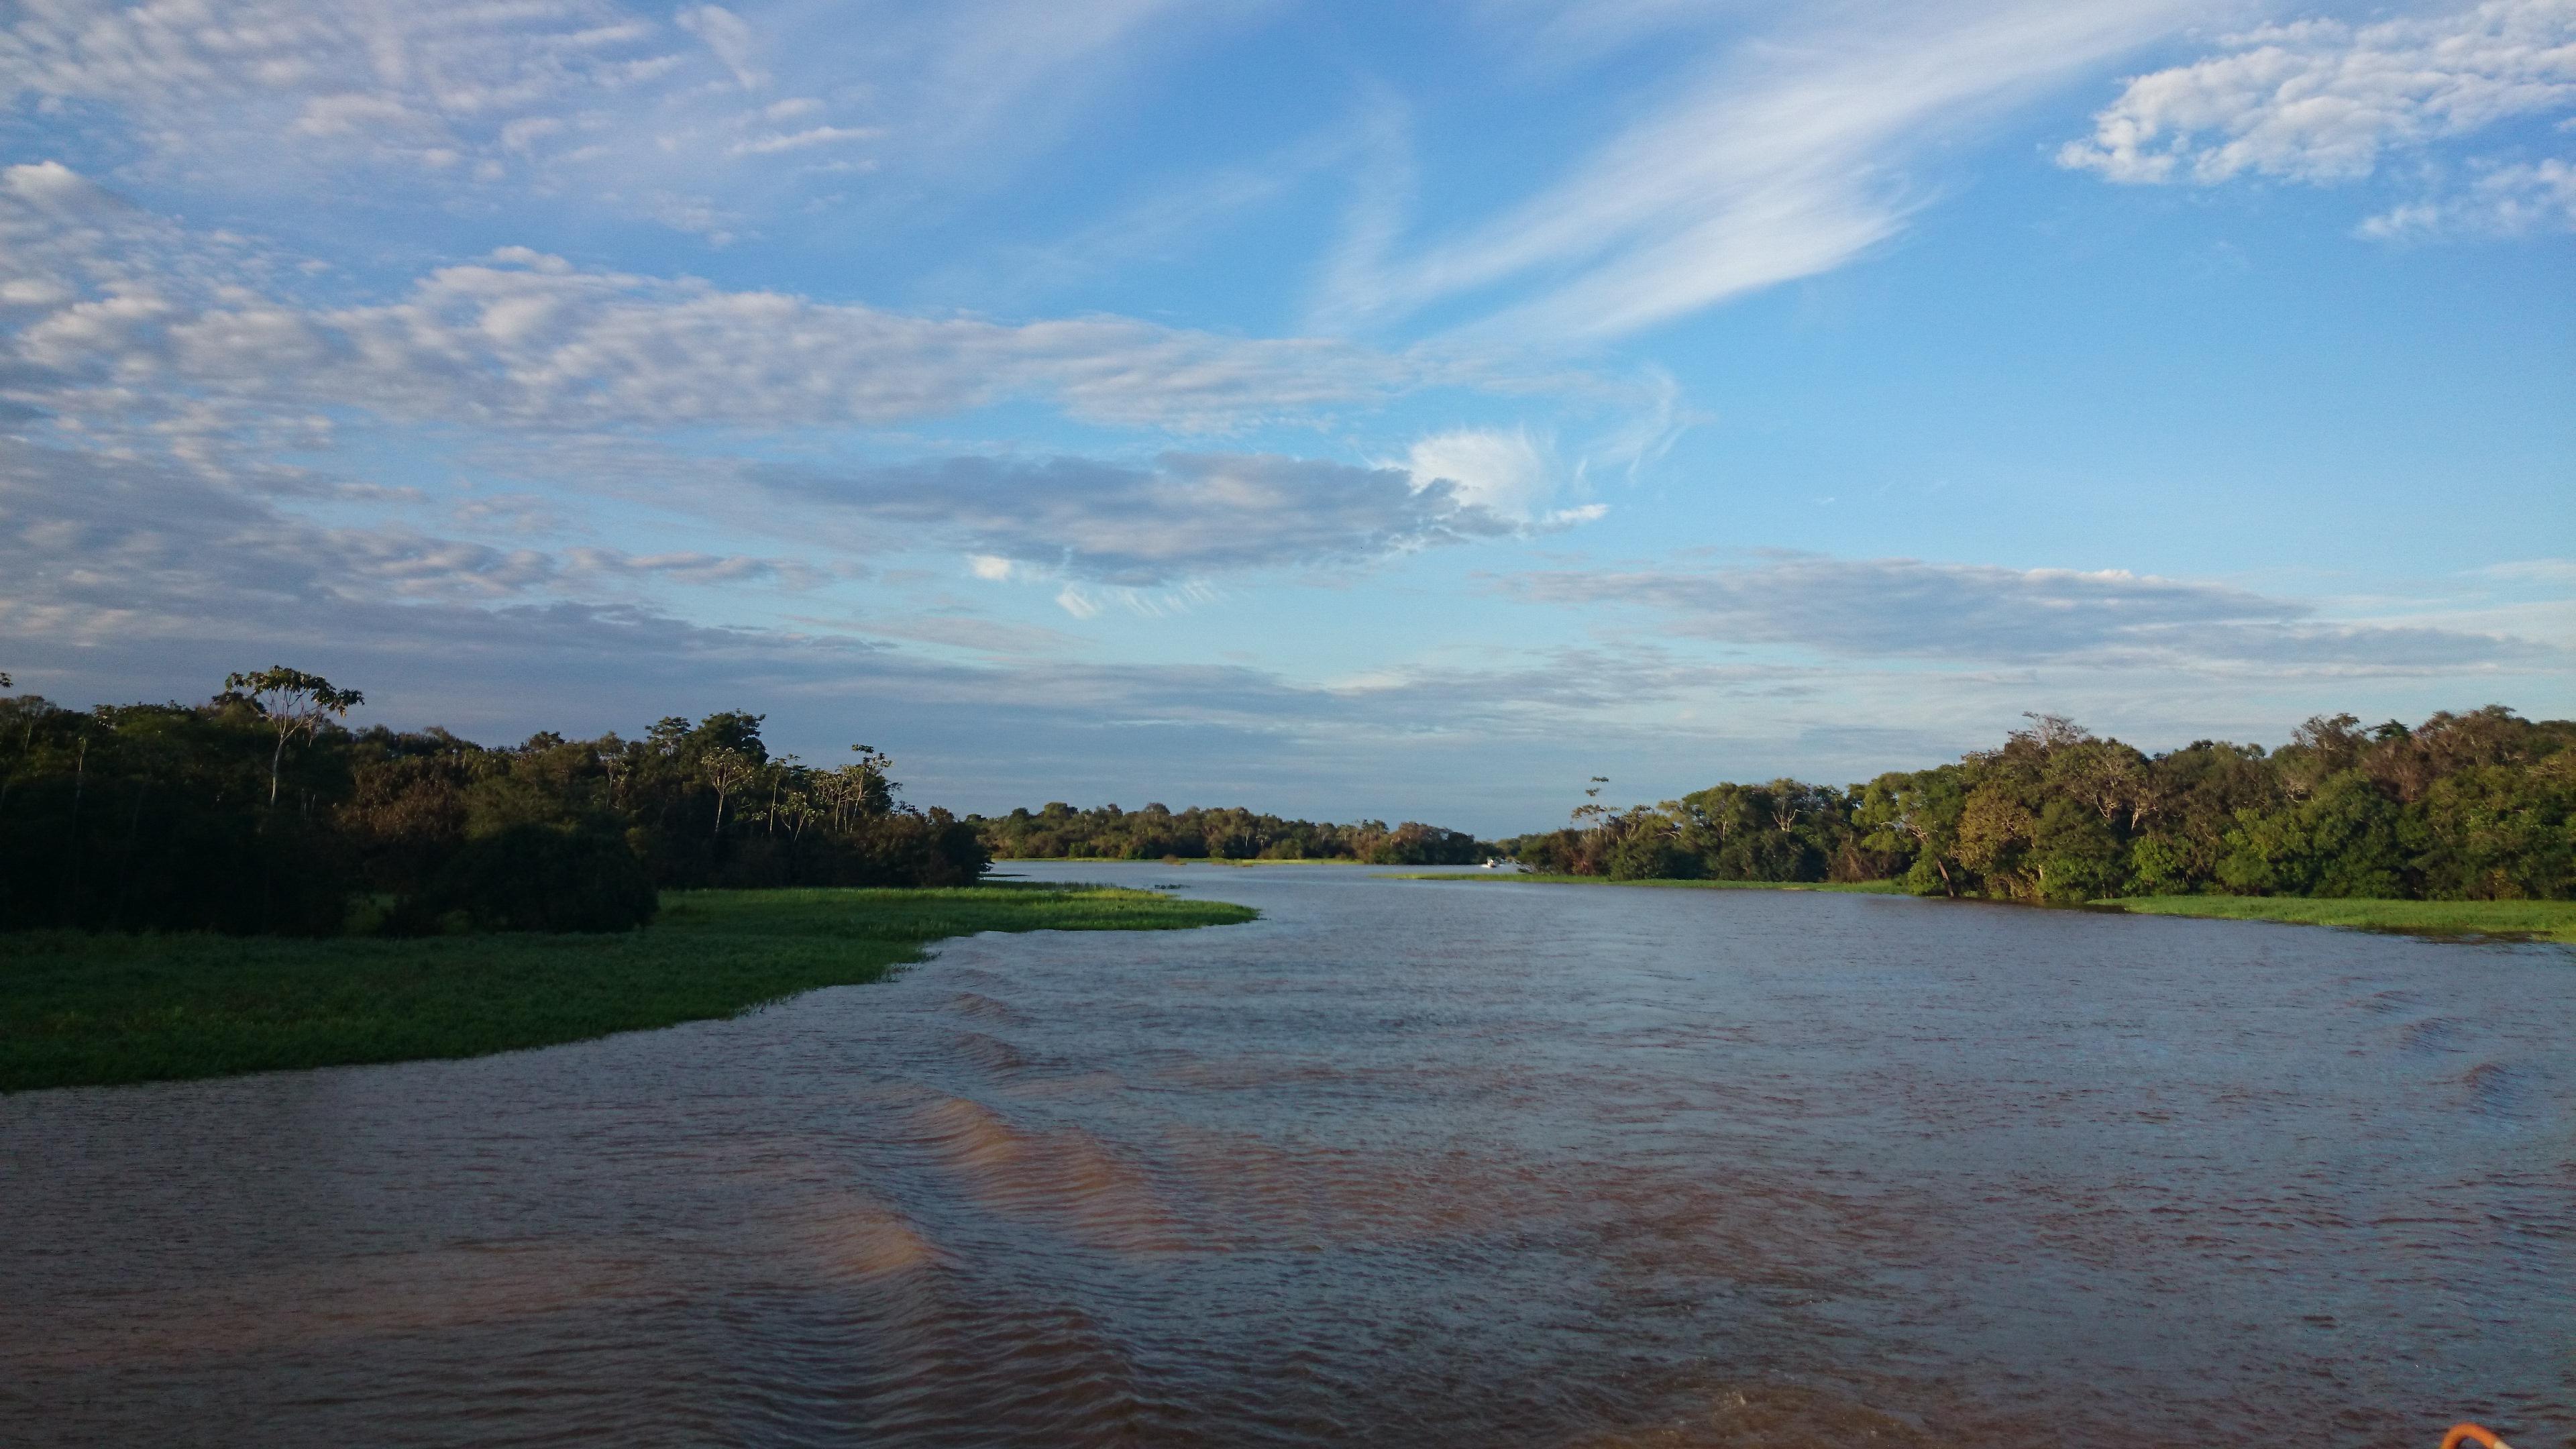 Anamã Amazonas fonte: upload.wikimedia.org